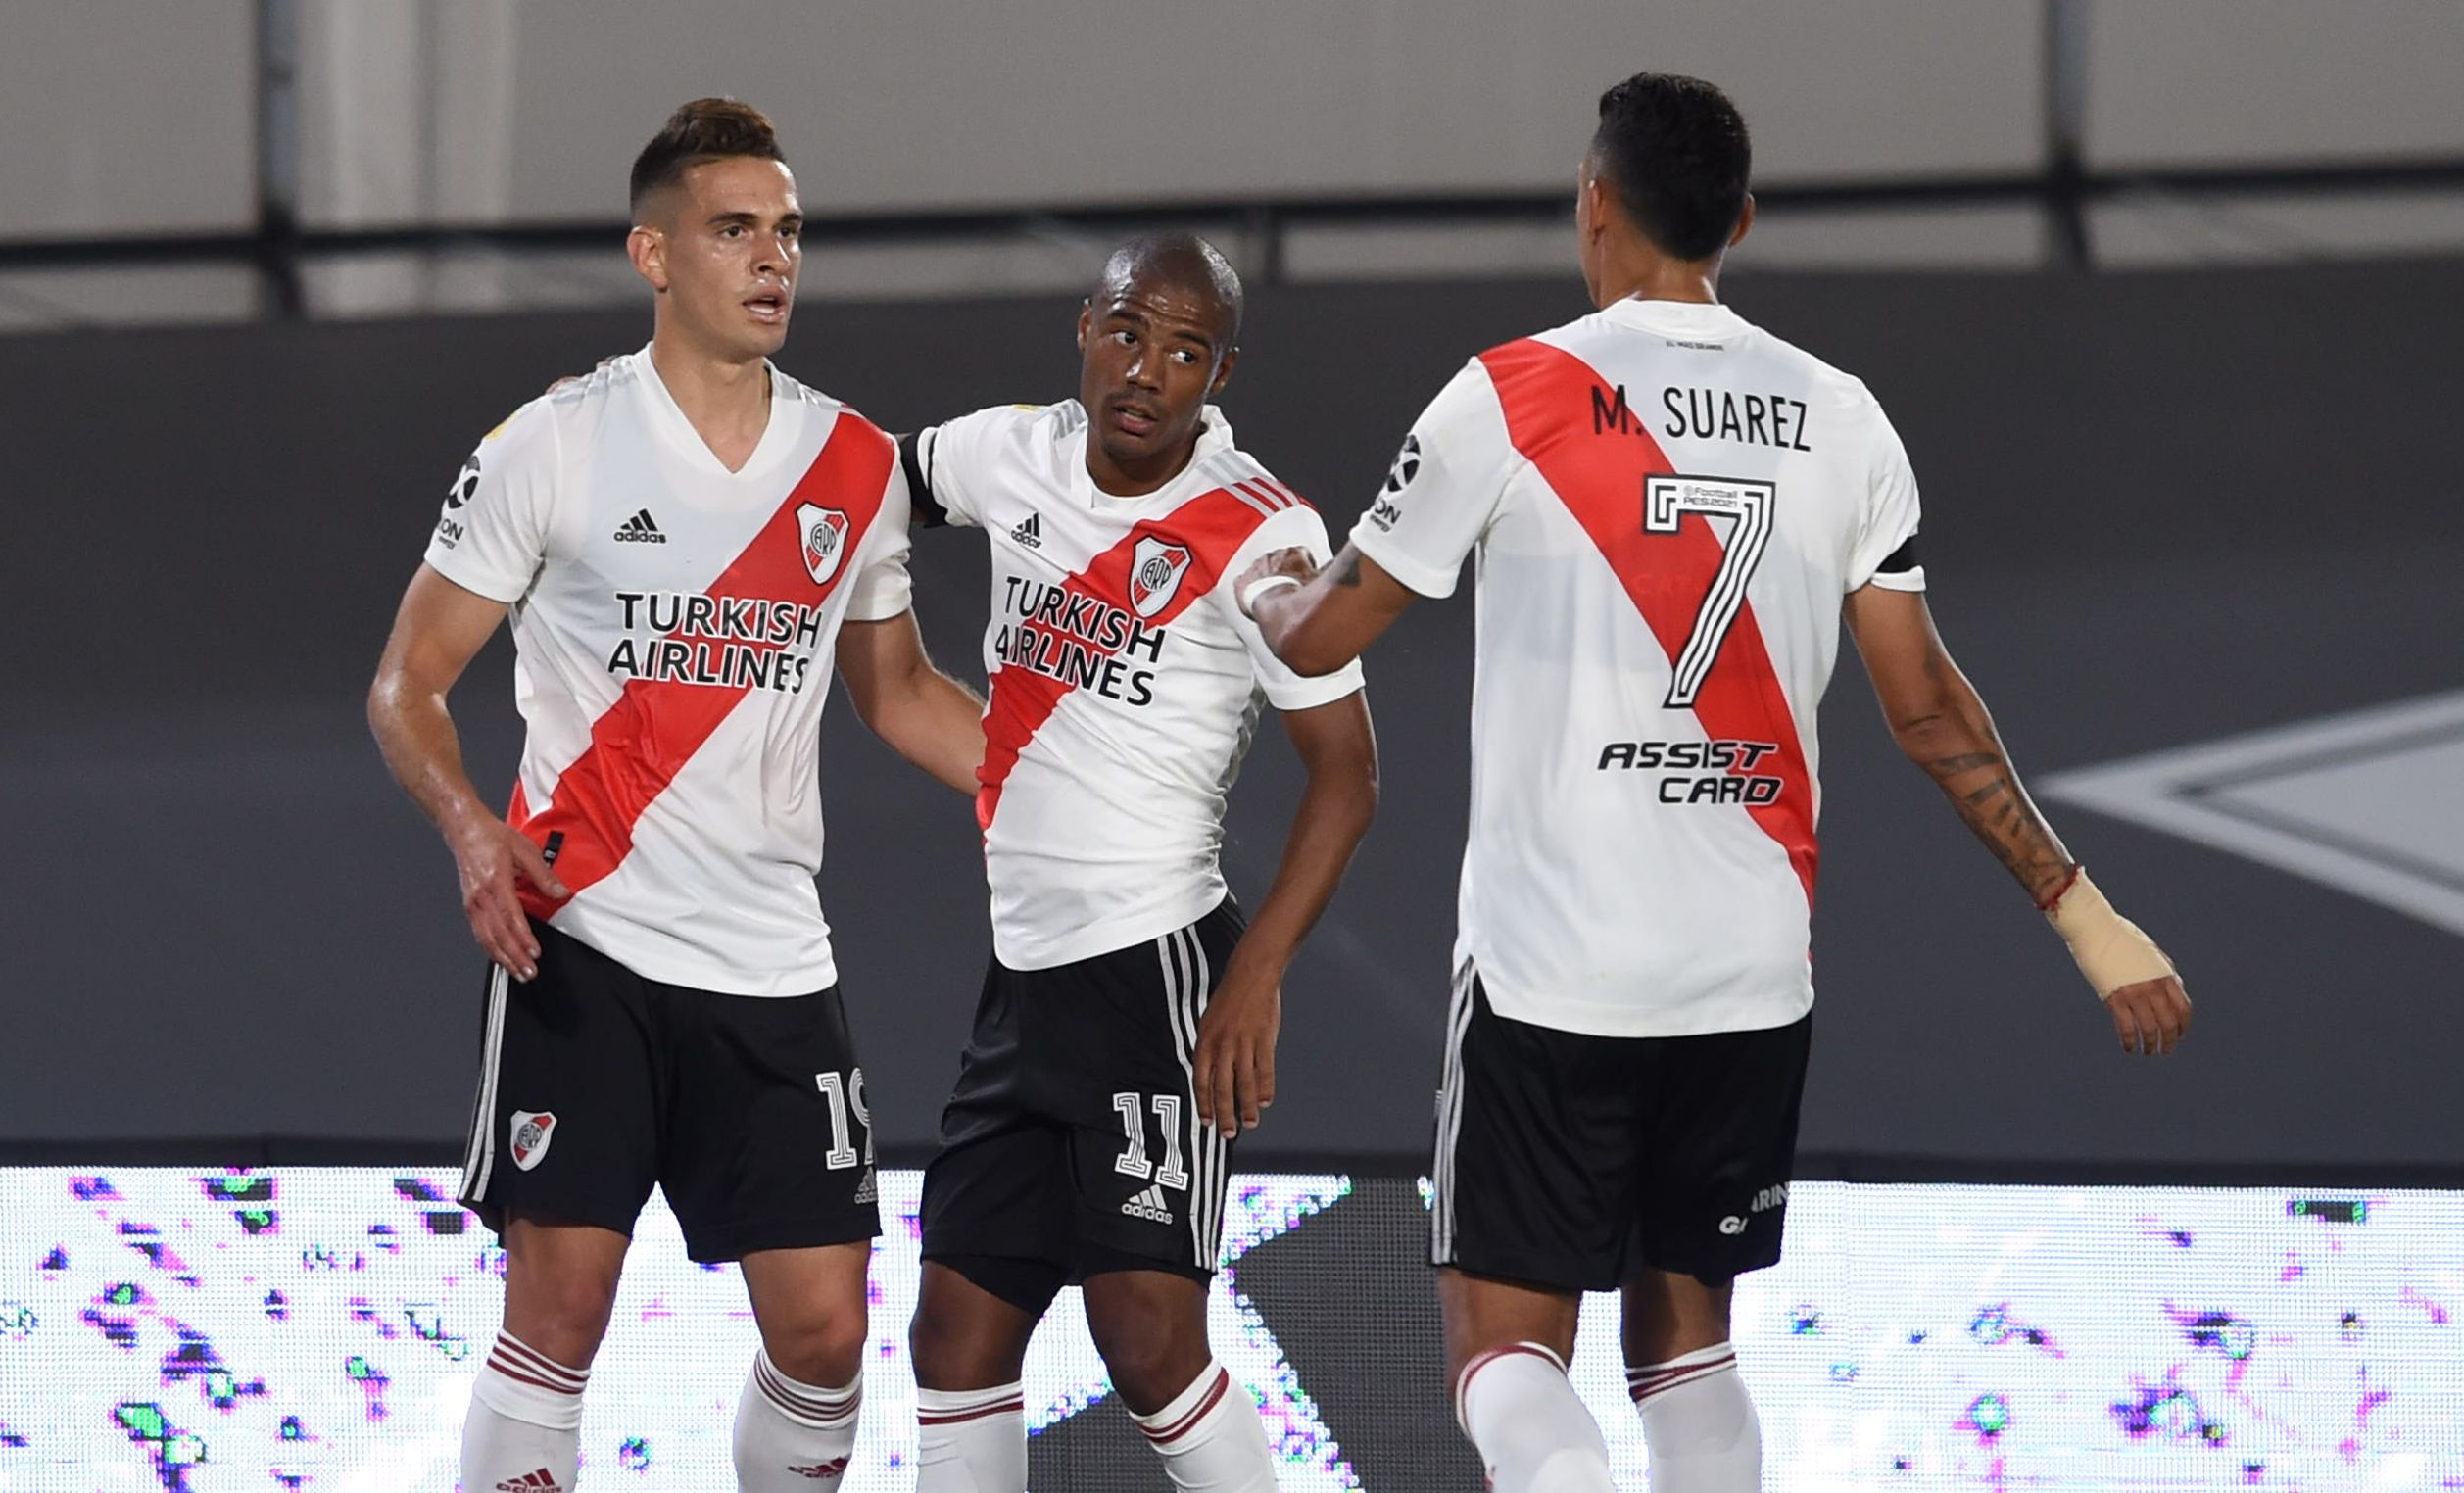 River Plate venció 3-0 a Rosario Central por la Copa de la Liga Profesional